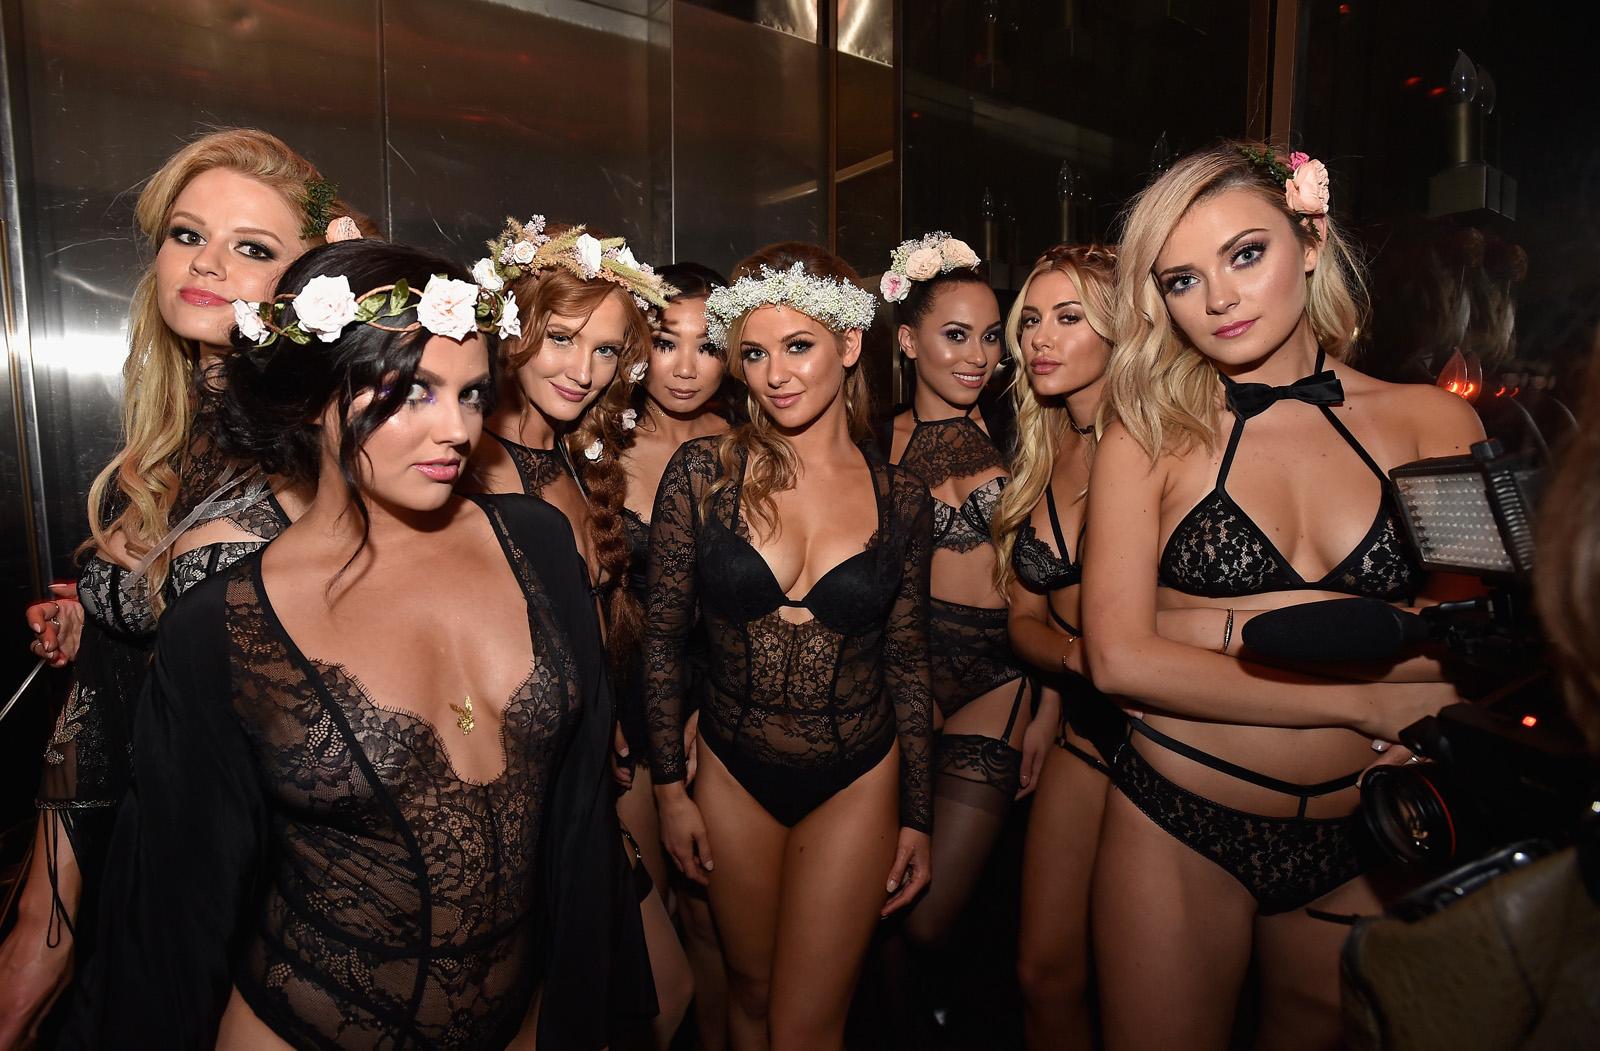 Скандальные вечеринки эротические фото транссексуалов